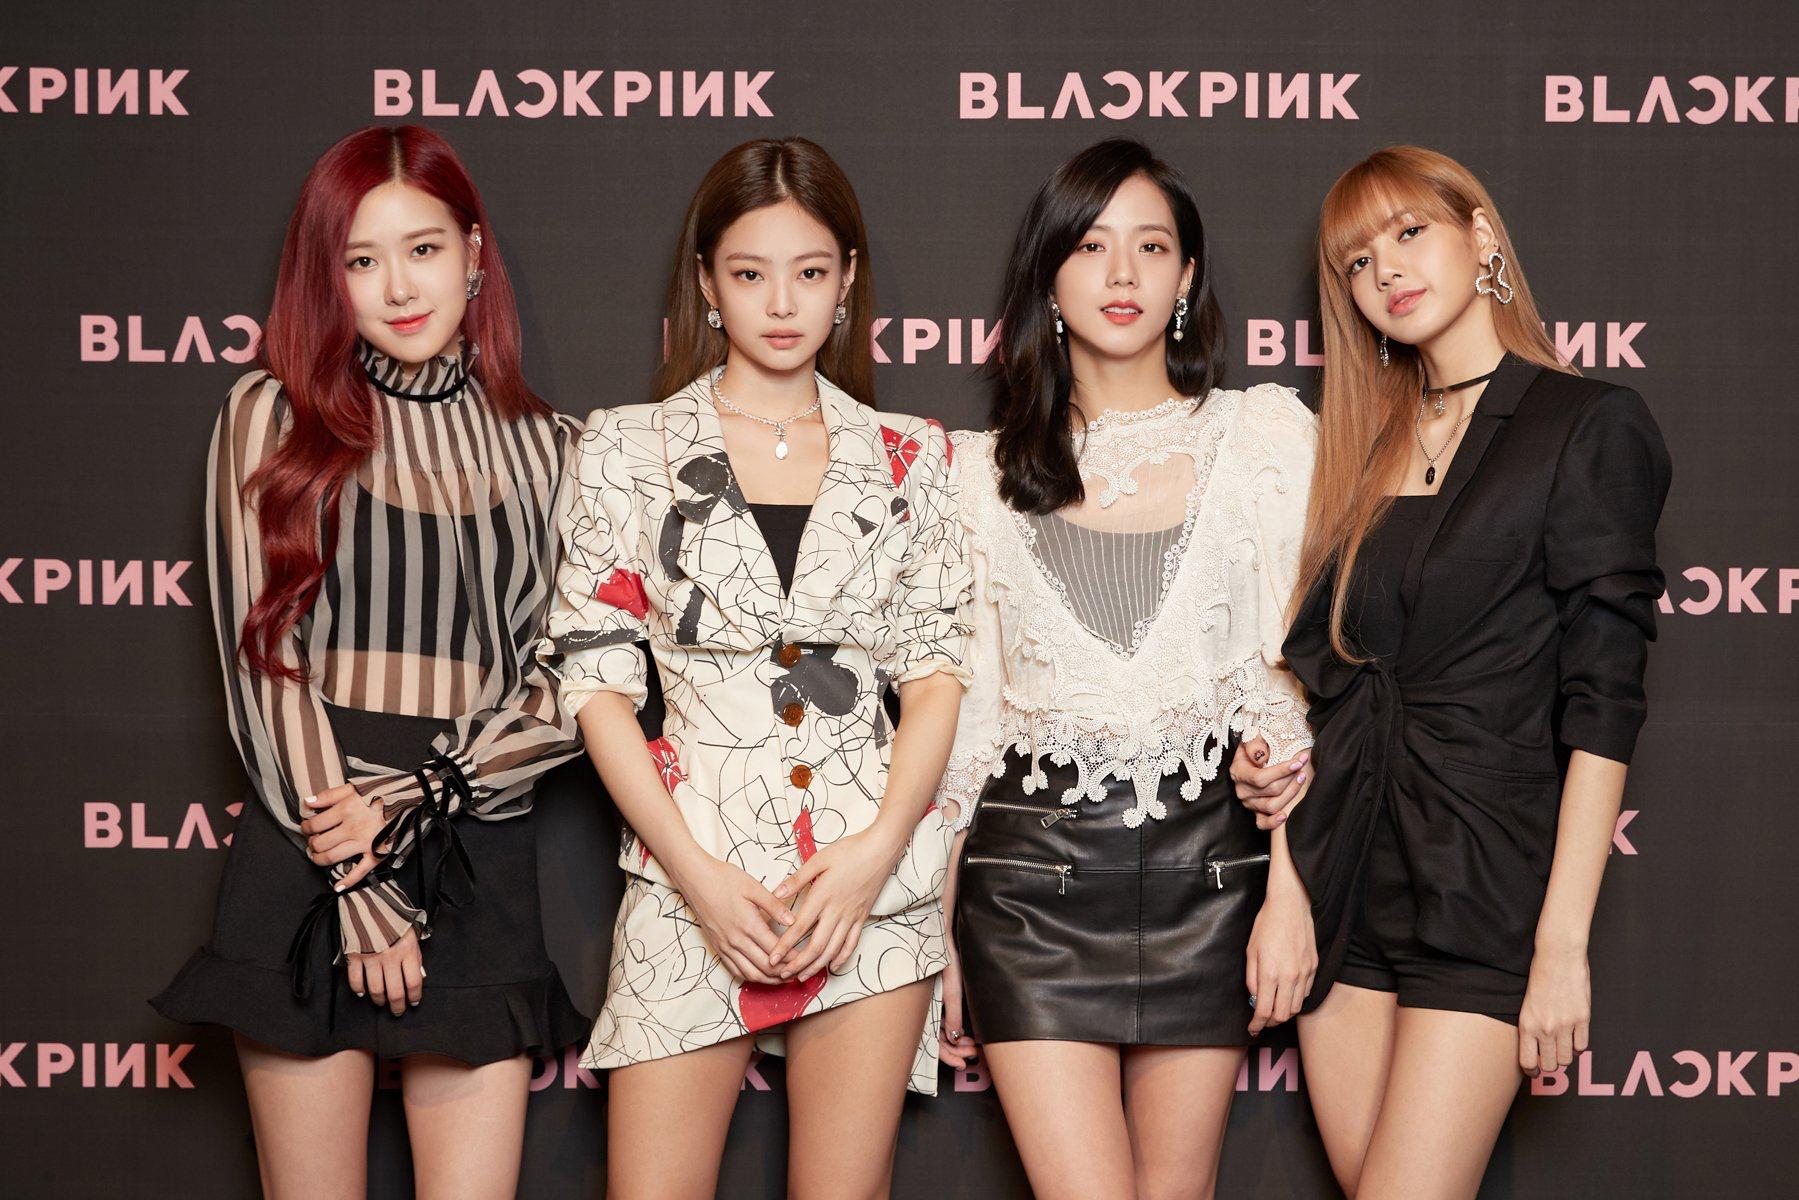 Chuẩn bị đón năm Canh Tý, 4 cô nàng Black Pink cũng xinh đẹp trong những bộ hanbook truyền thống - Ảnh 1.